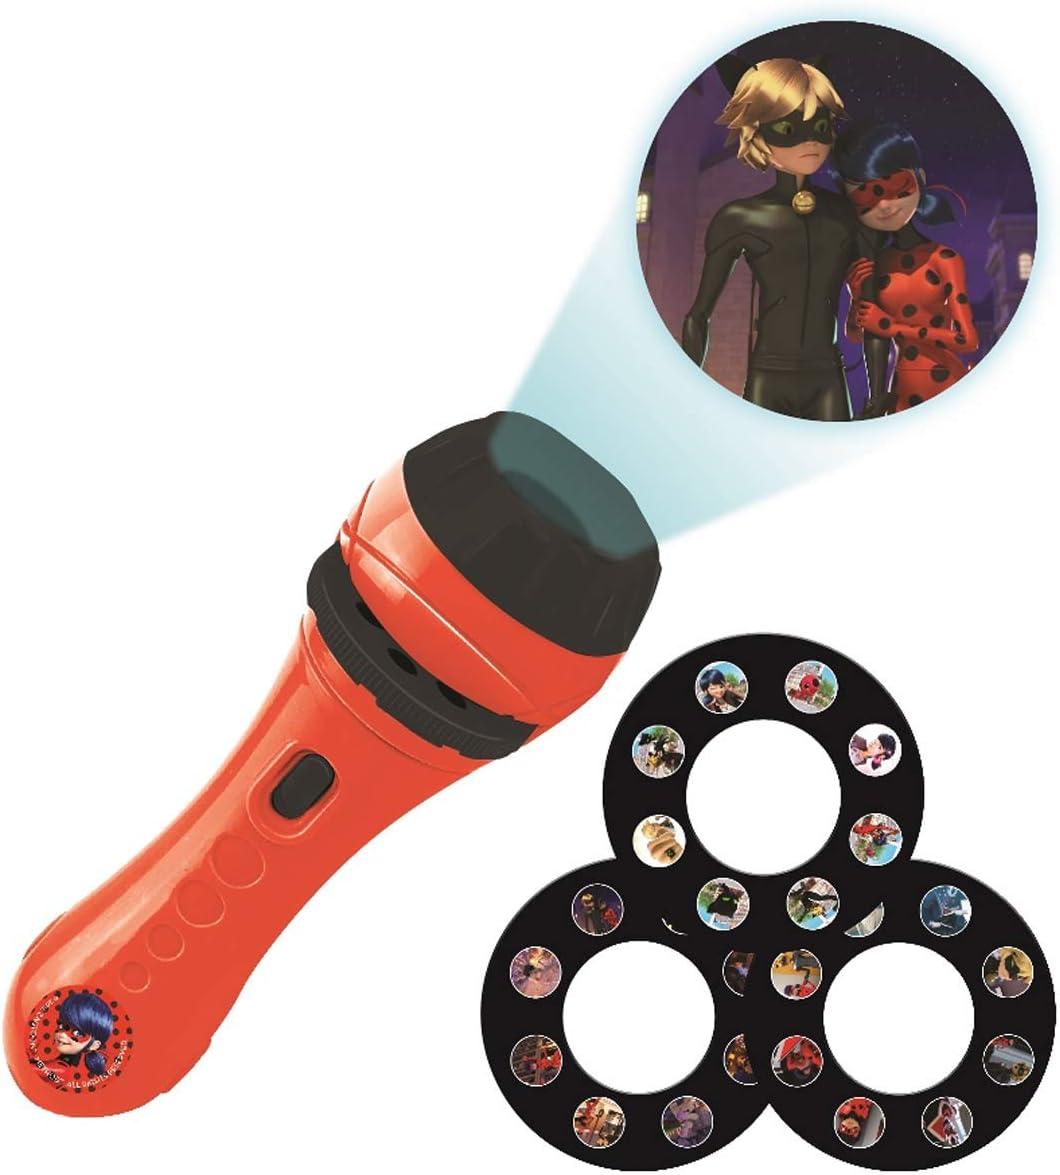 LEXIBOOK Disney, Toy Story-Linterna de bolsillo con proyector 3 ...